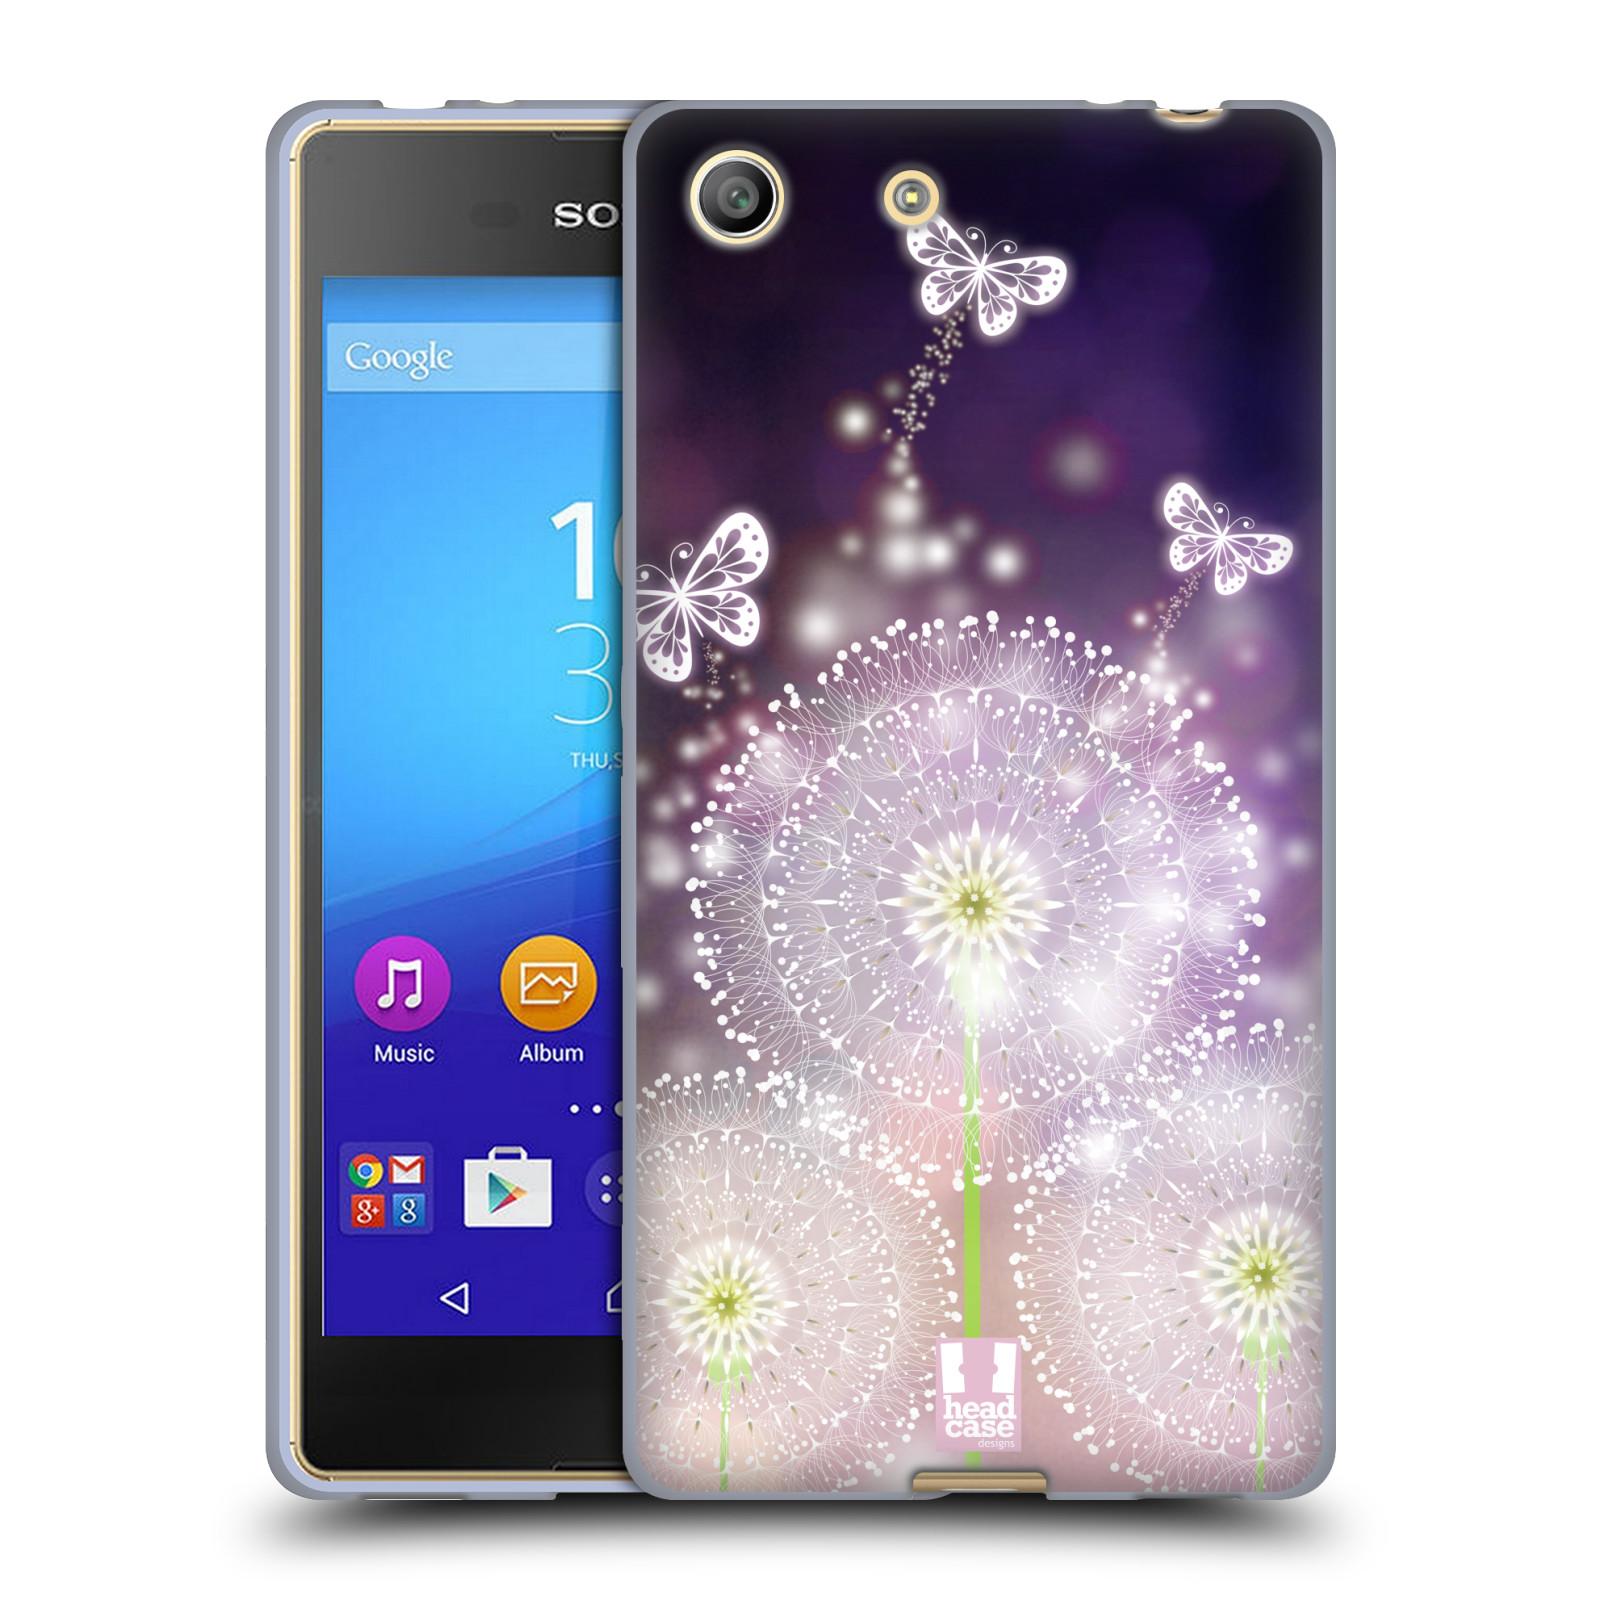 Silikonové pouzdro na mobil Sony Xperia M5 HEAD CASE Pampelišky a Motýlci (Silikonový kryt či obal na mobilní telefon Sony Xperia M5 Dual SIM / Aqua)